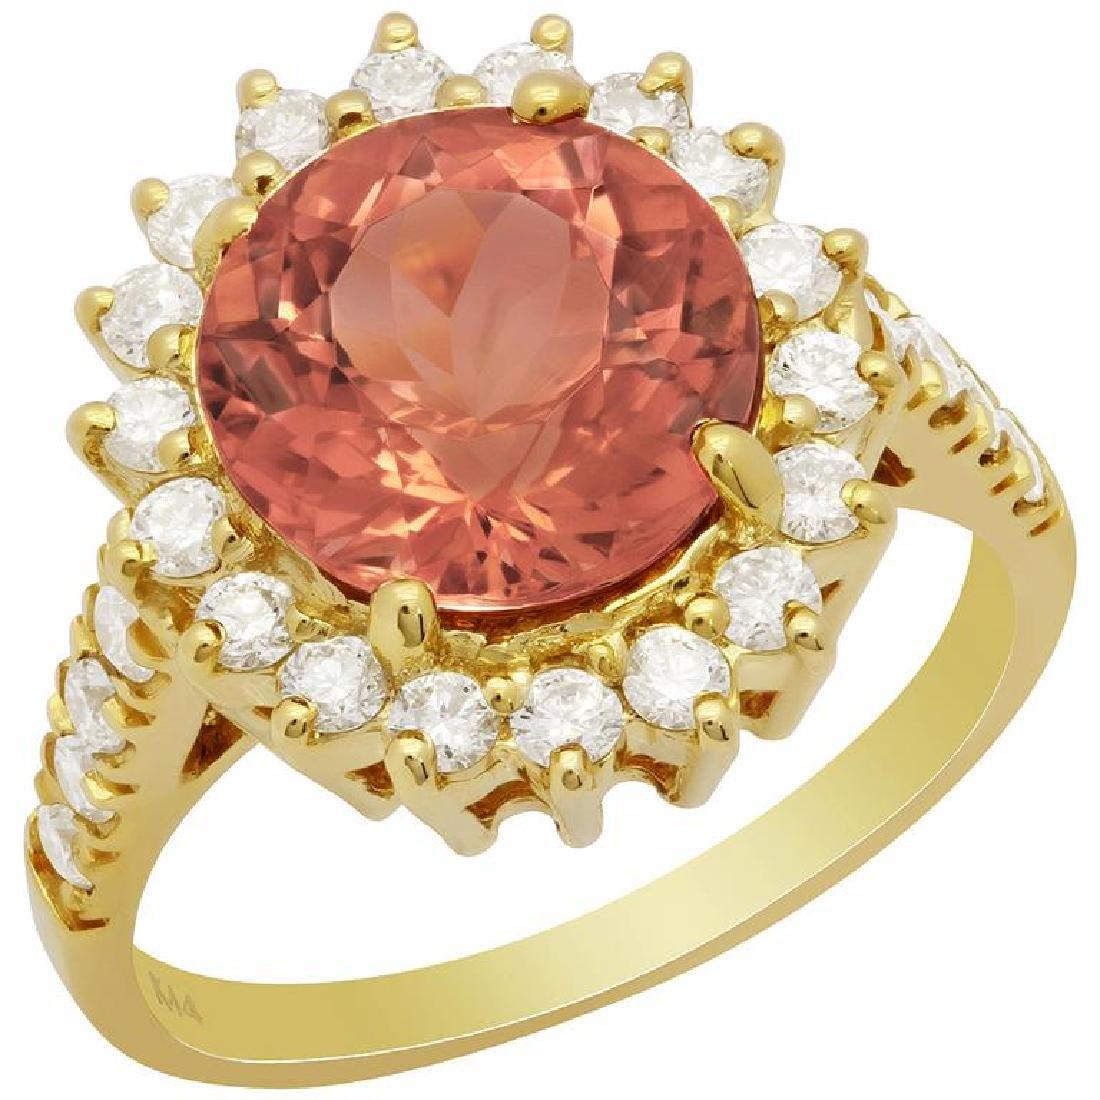 14k Yellow Gold 3.56ct Tourmaline 0.81ct Diamond Ring